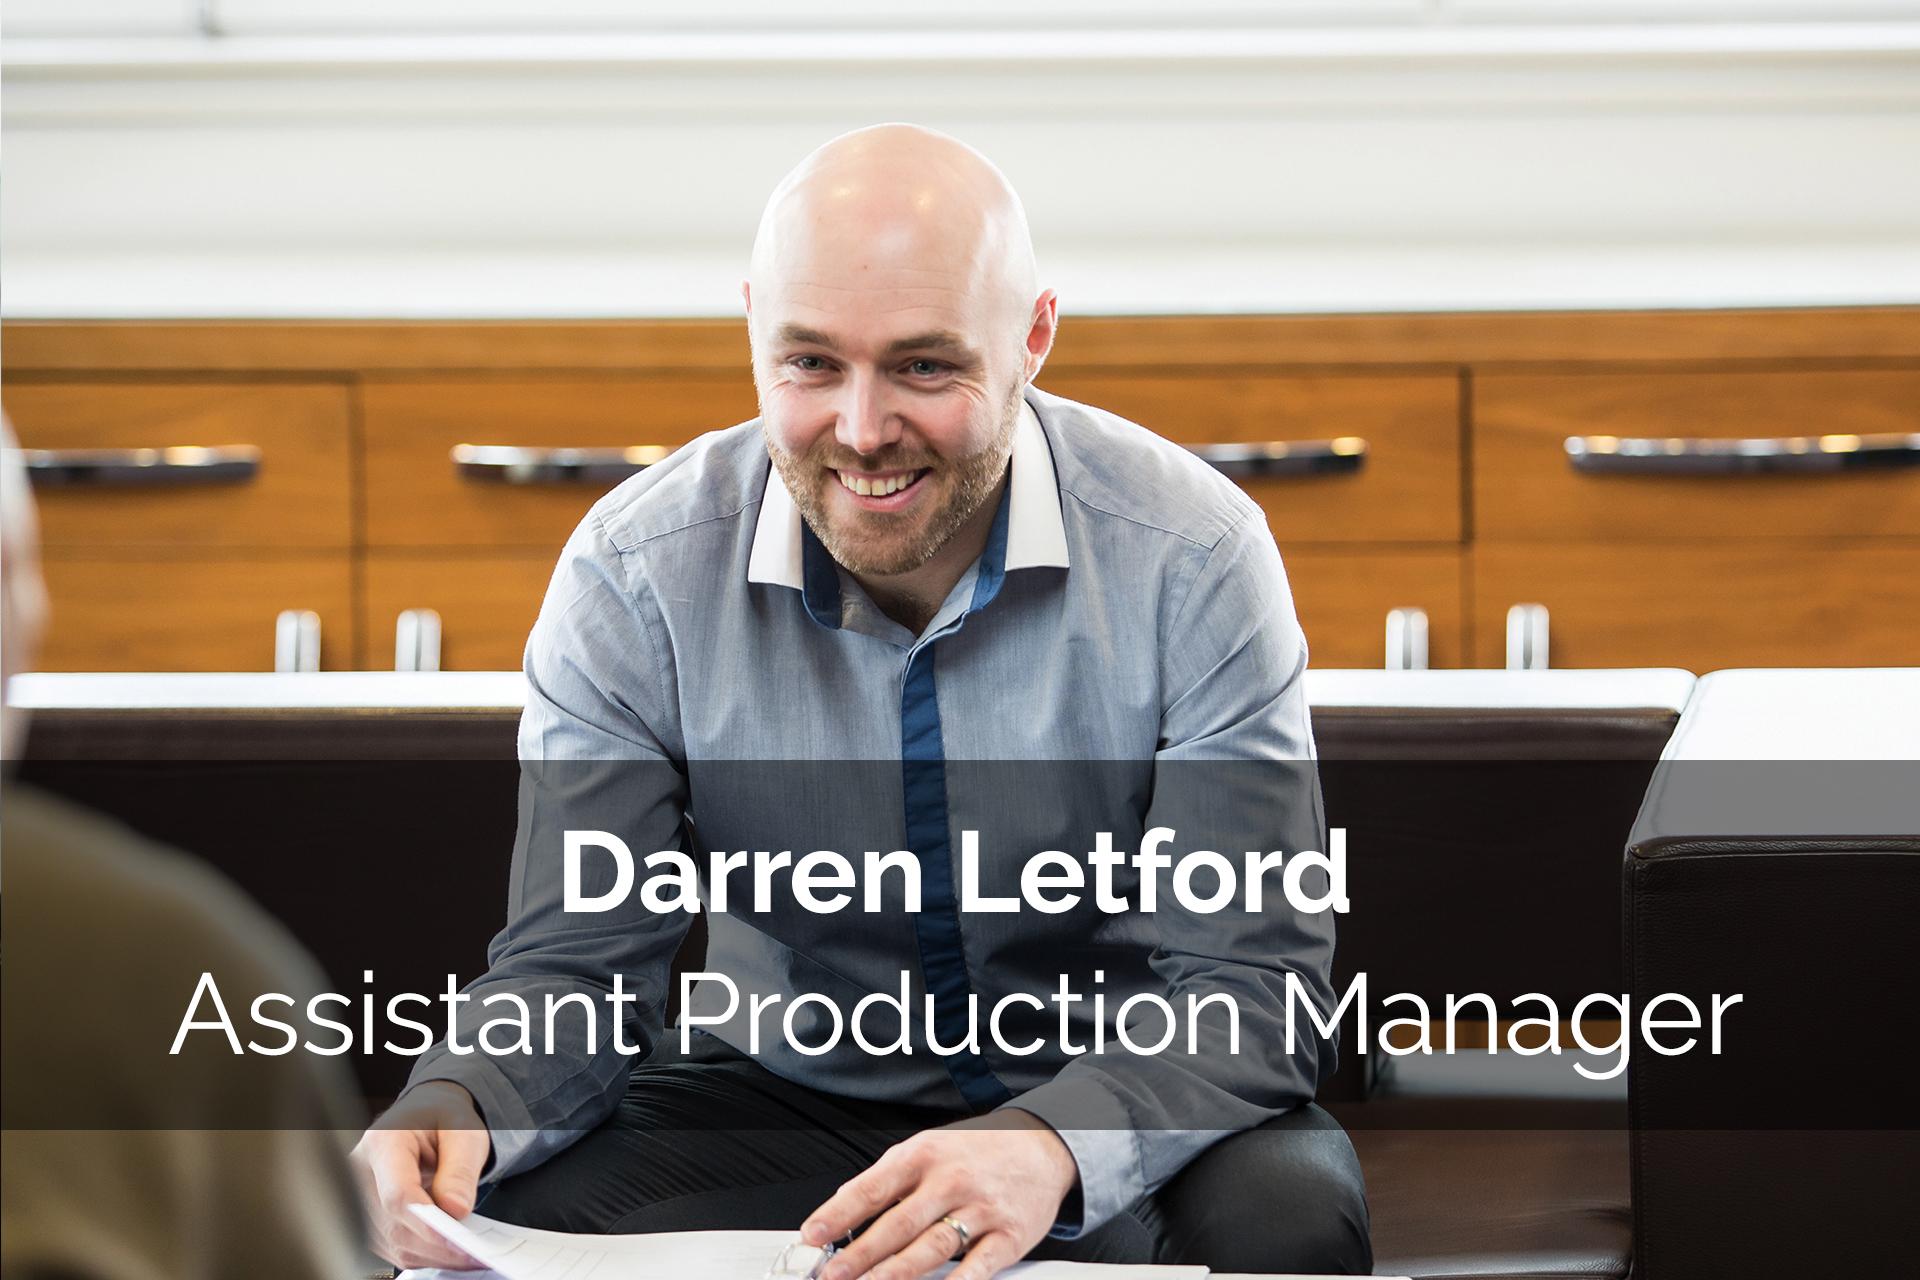 Darren Letford